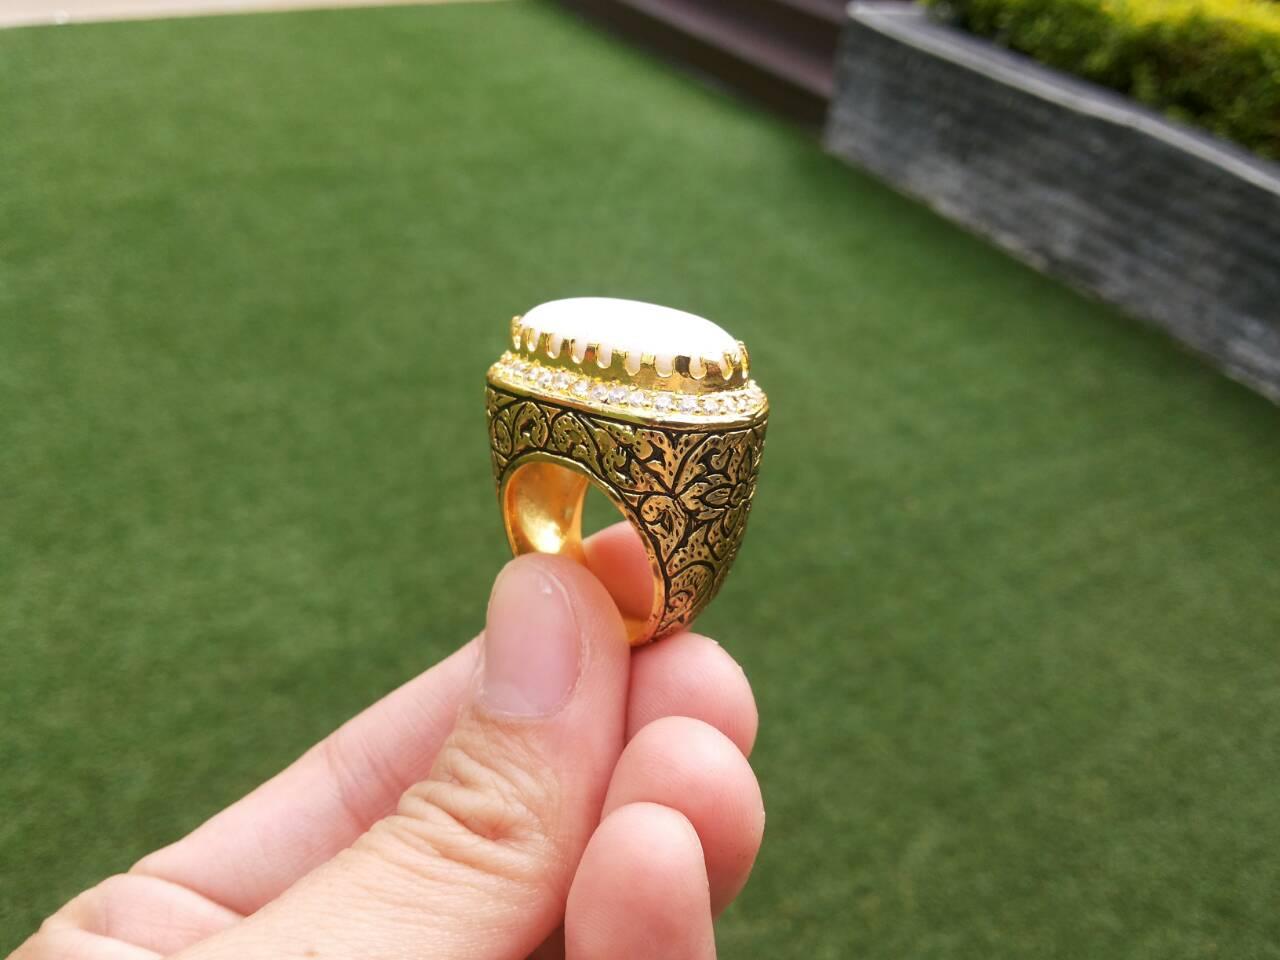 แหวนถมทอง ลายสุโขทัย หน้ามุกทรงรี